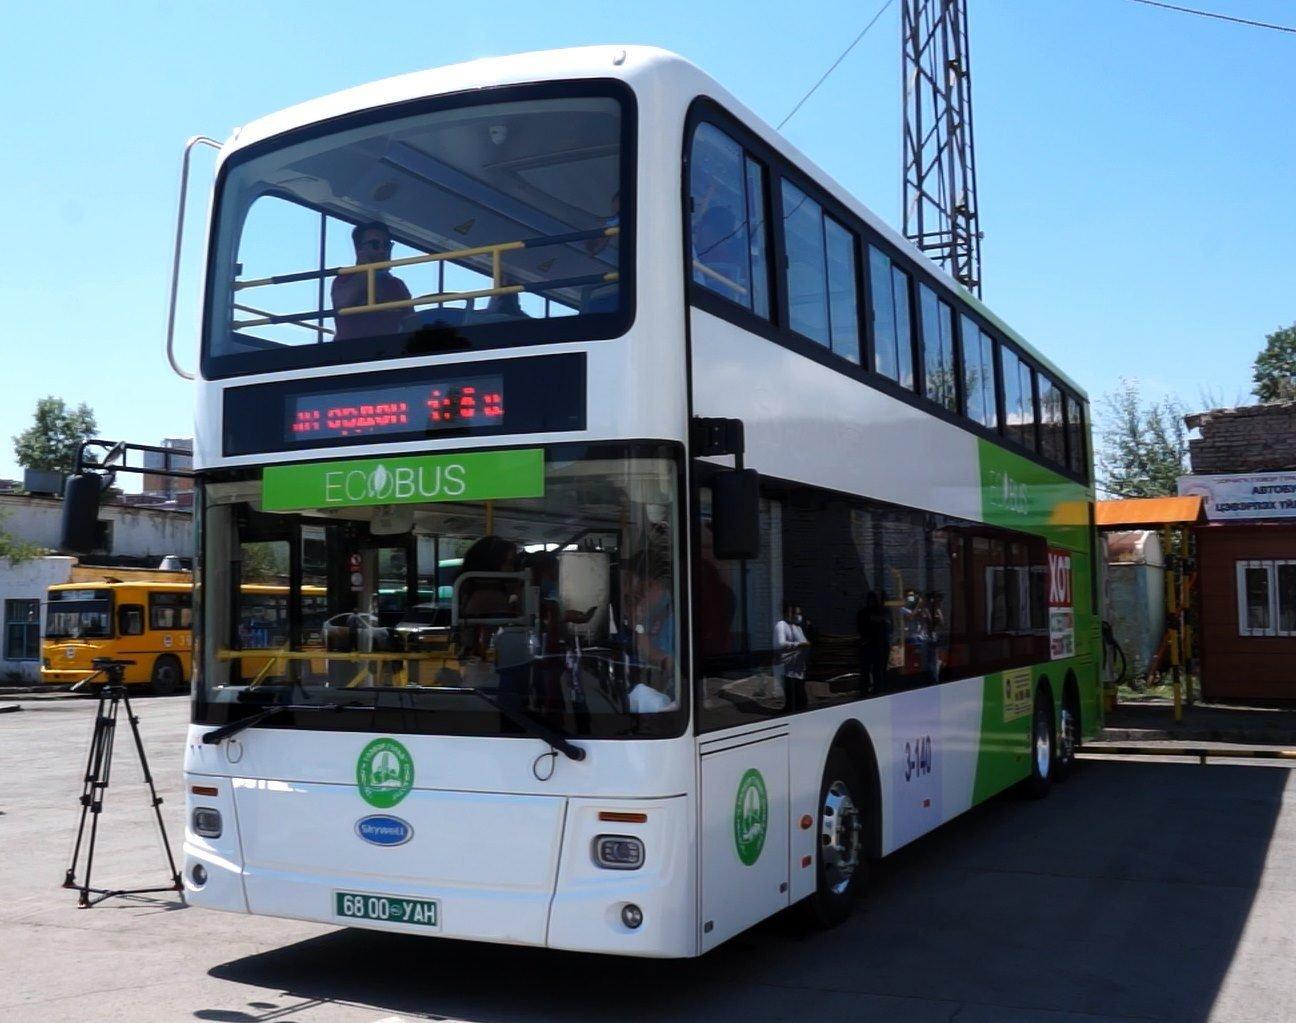 Нийтдээ 70 хүний суудалтай, хоёр давхар цахилгаан автобус нийслэлчүүдэд үйлчилж эхэллээ